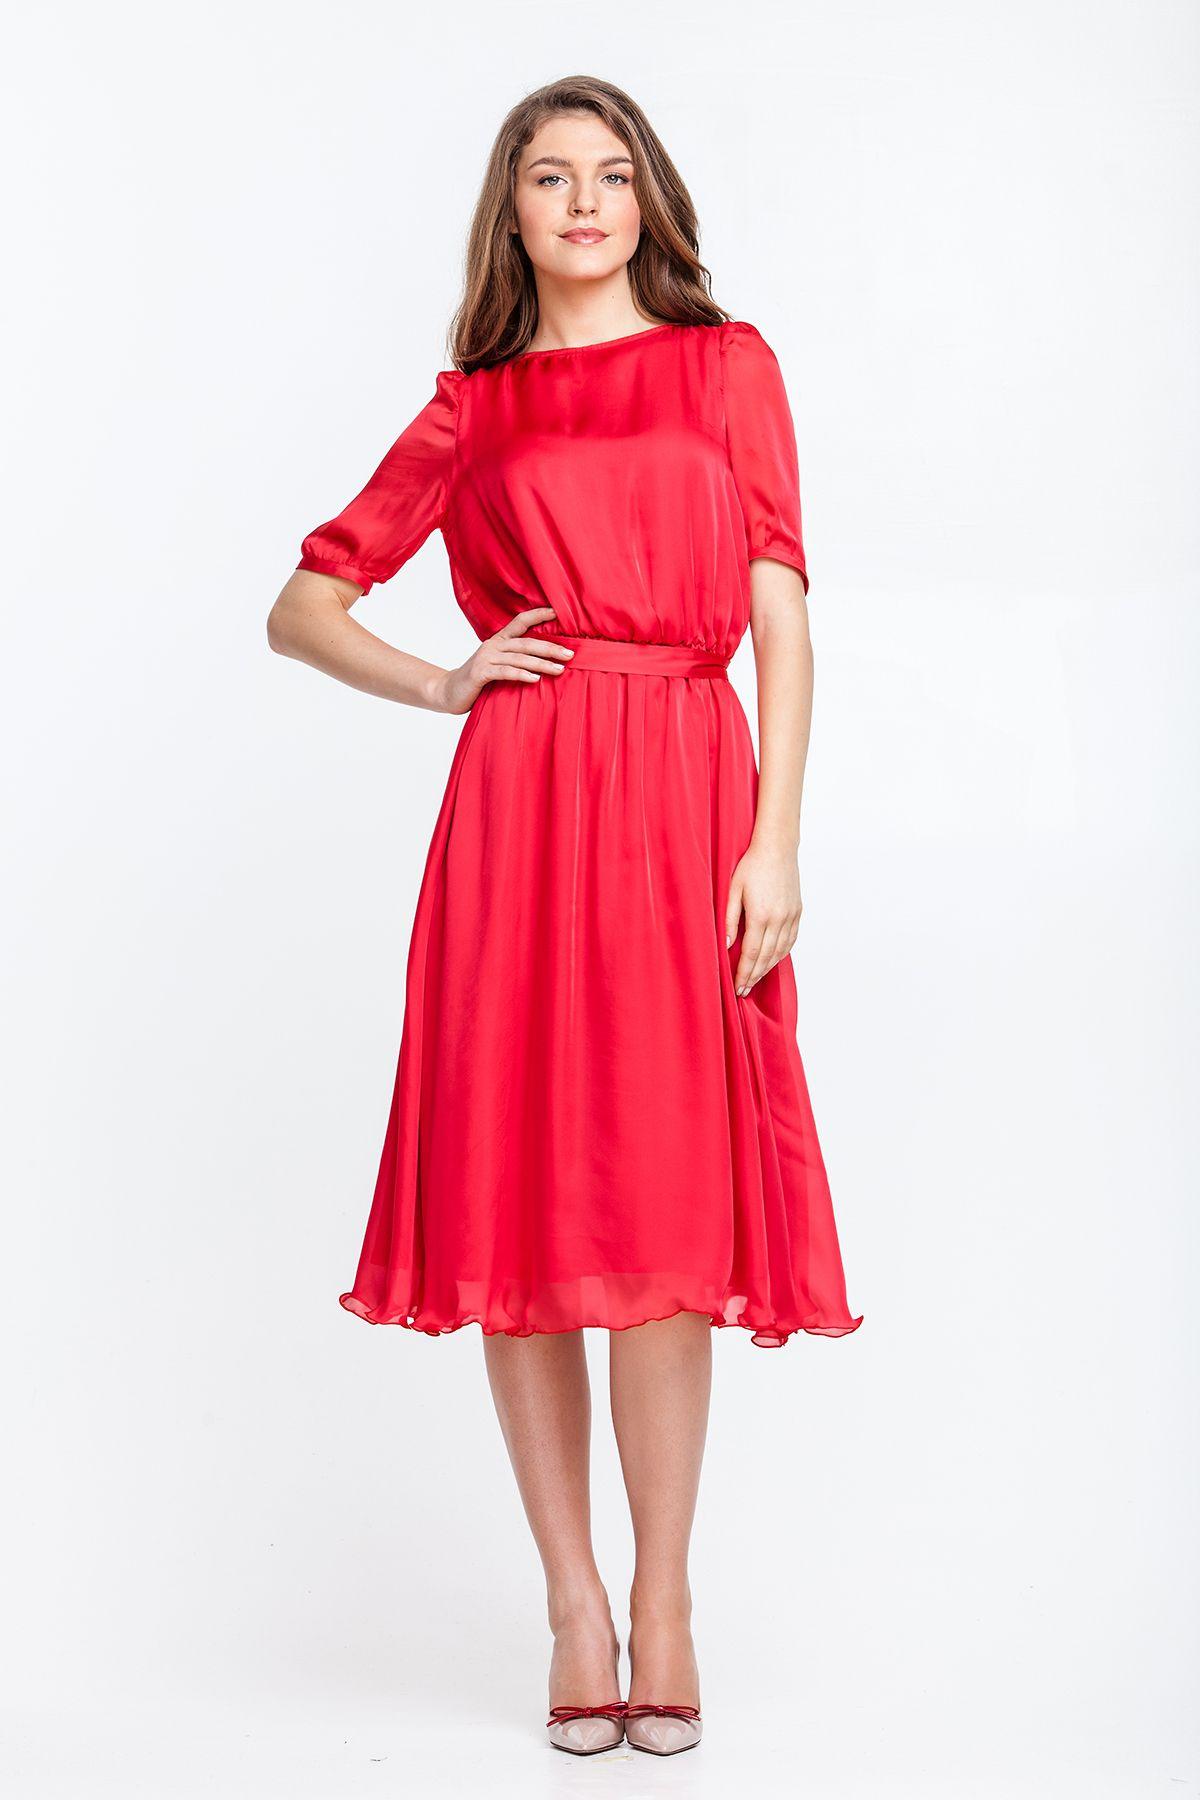 b7e1f93c889 2199 Платье красное шелковое